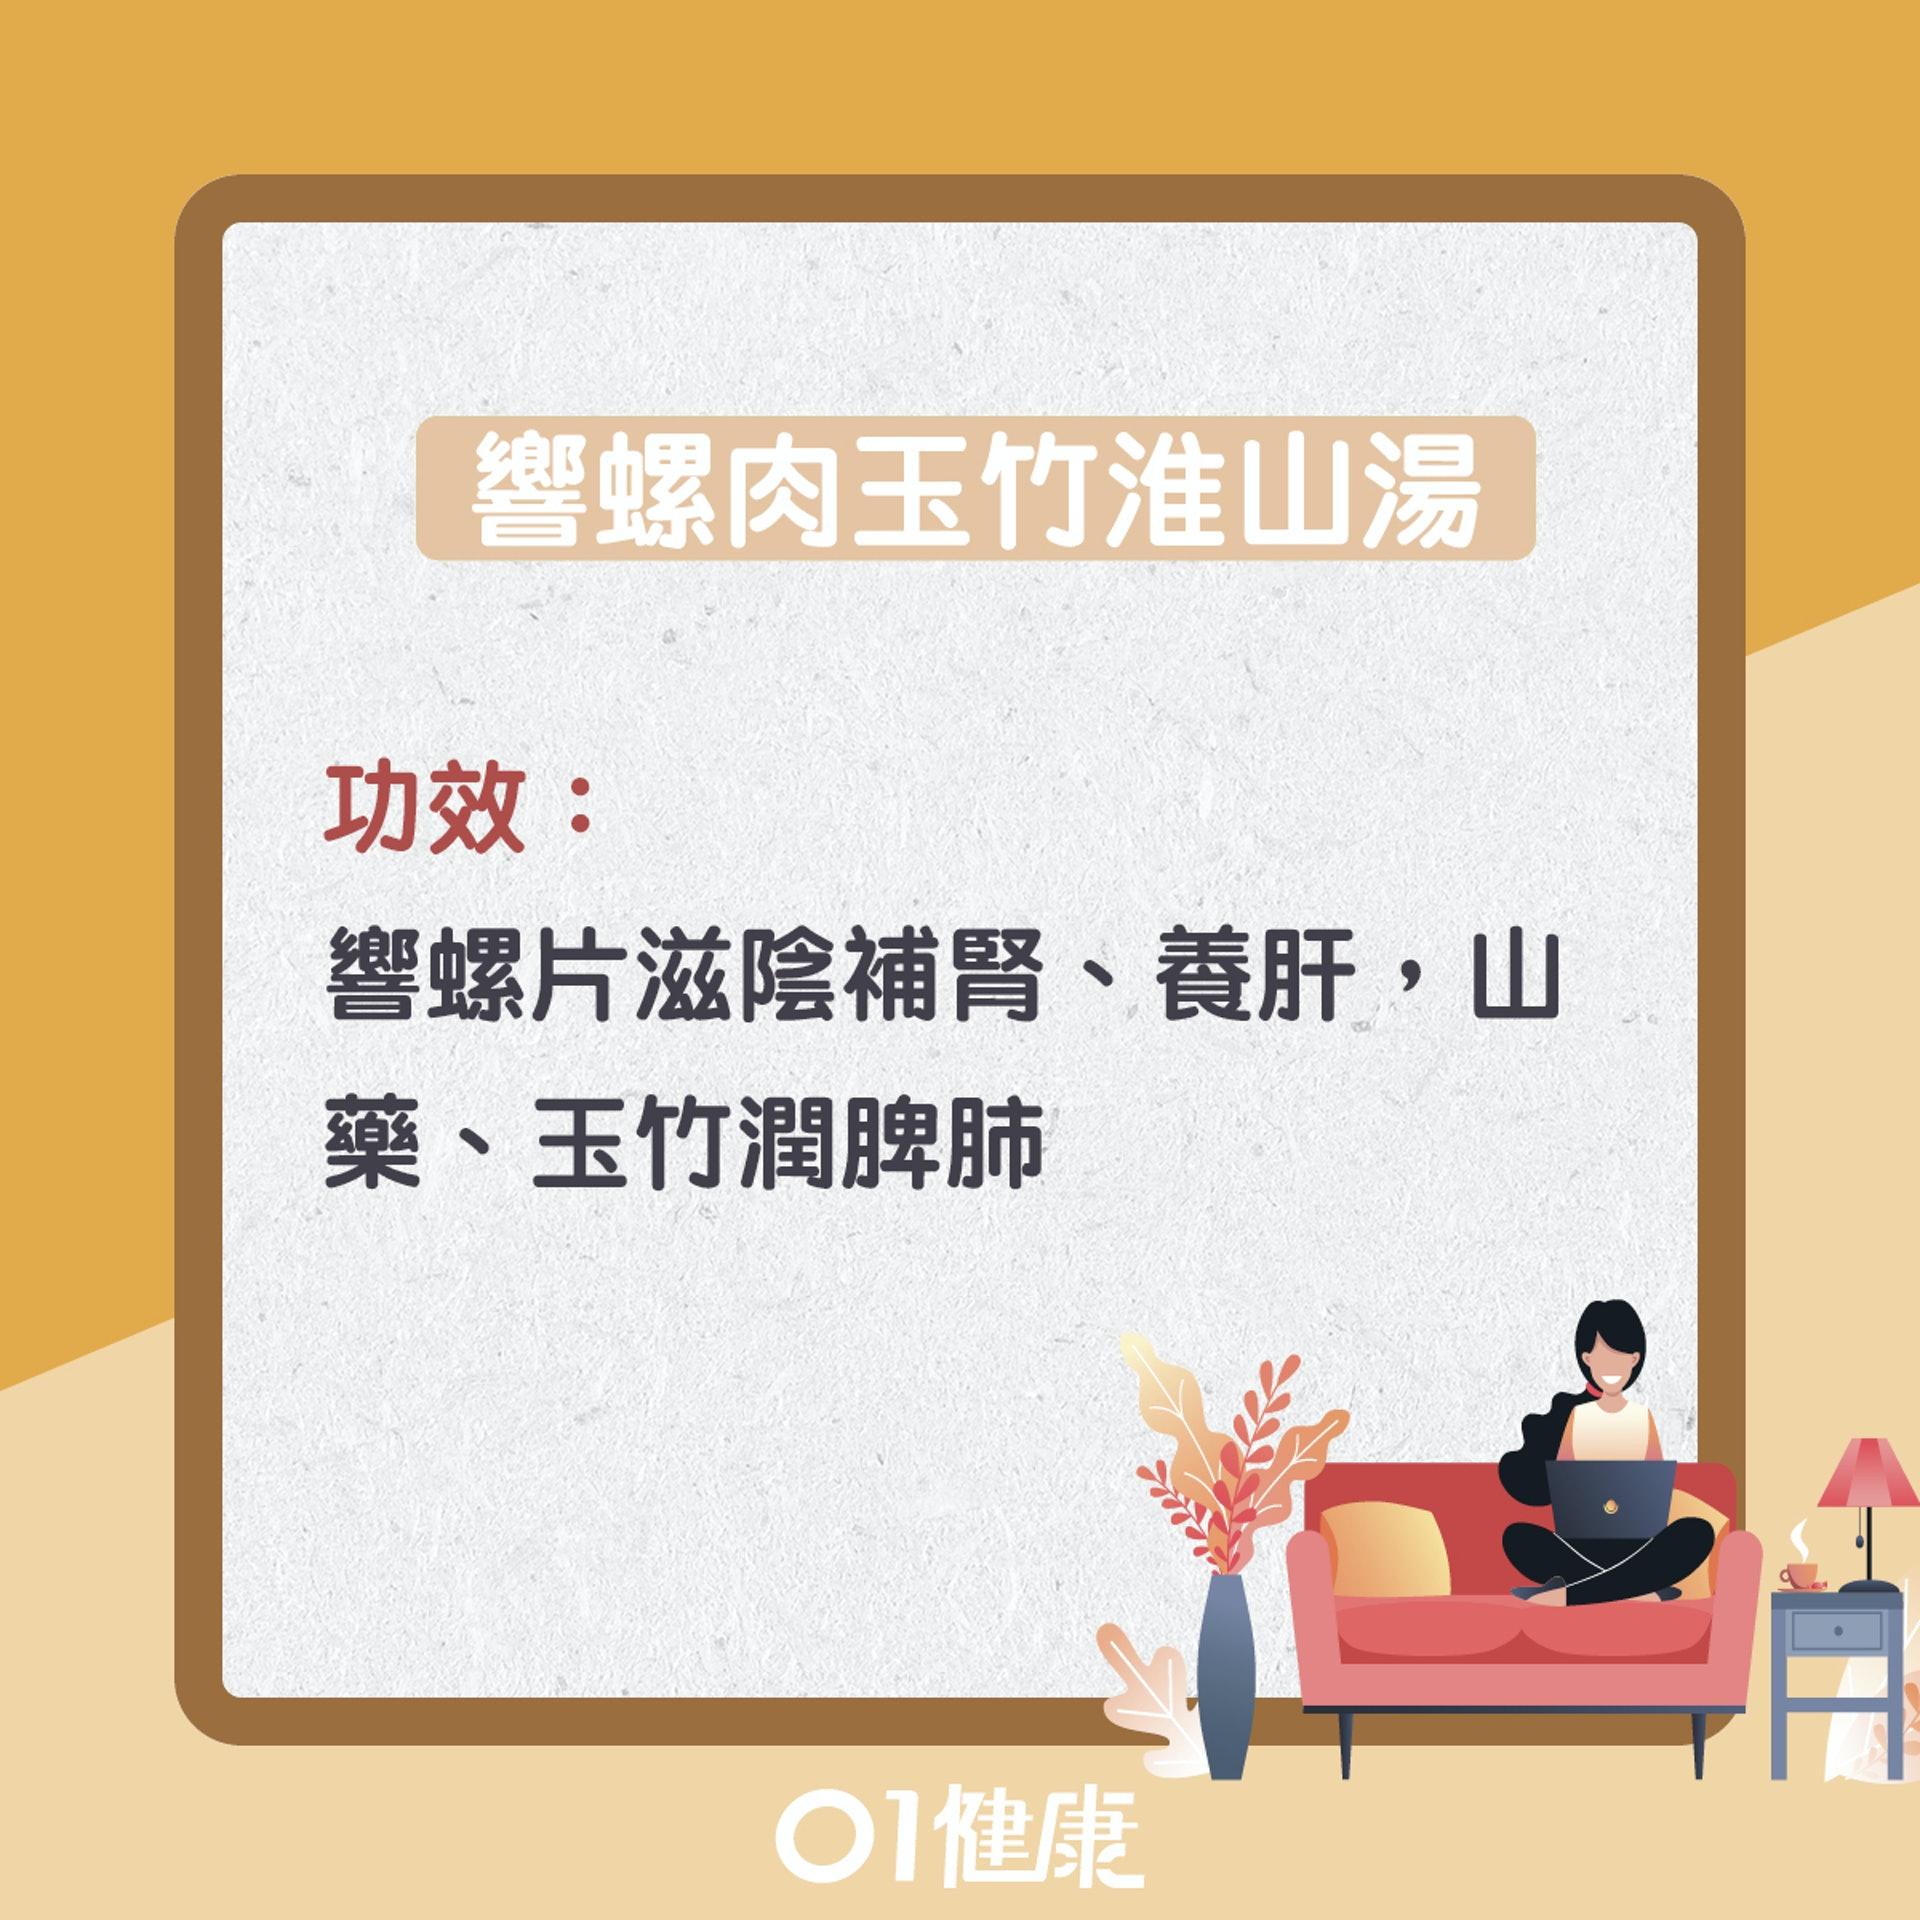 響螺肉玉竹淮山湯(01製圖)